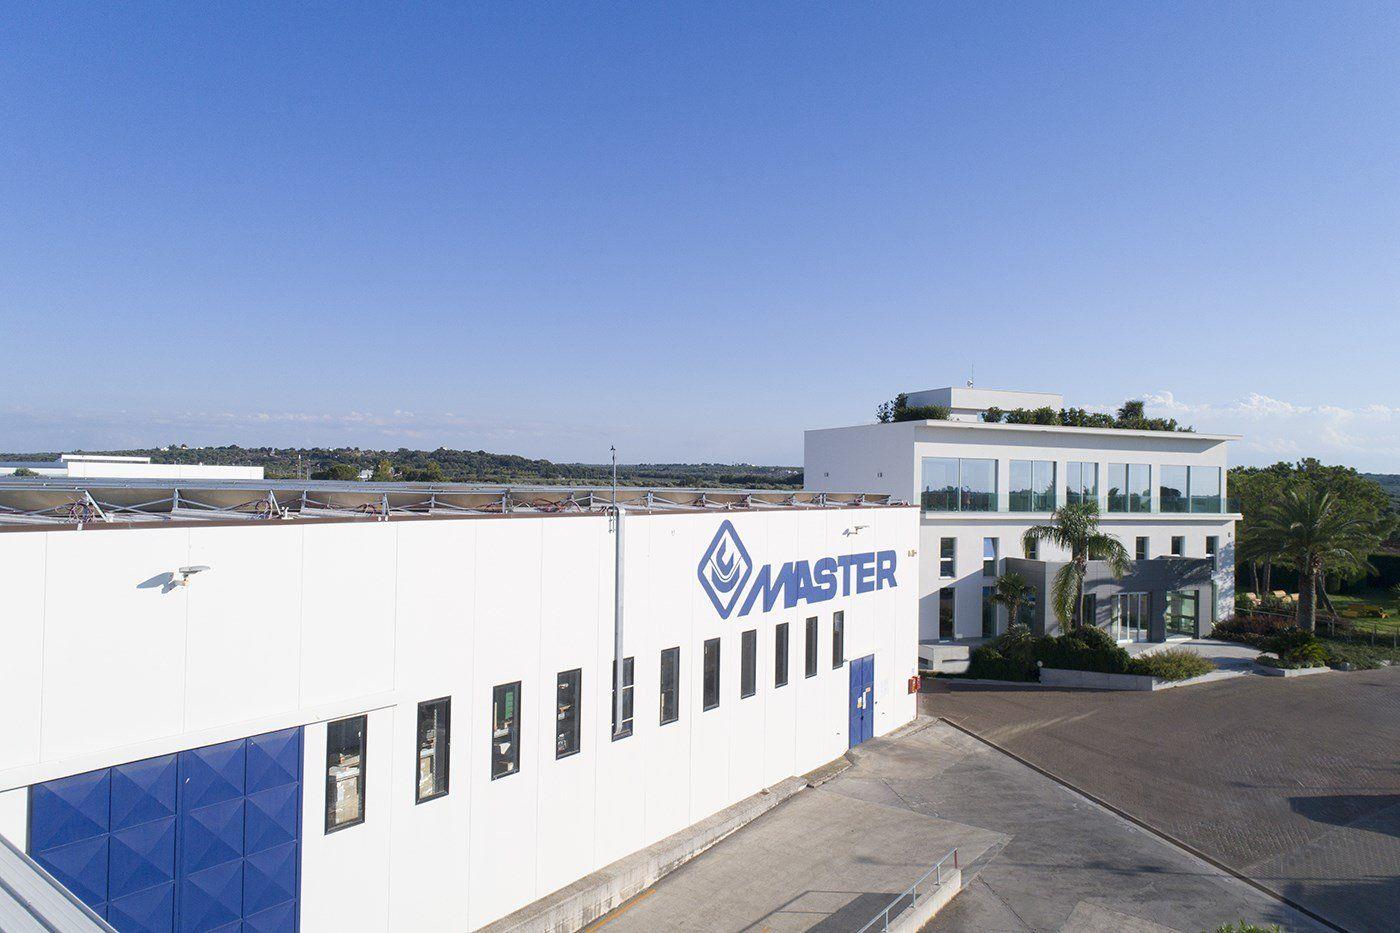 Deloitte premia Master tra le aziende italiane eccellenti